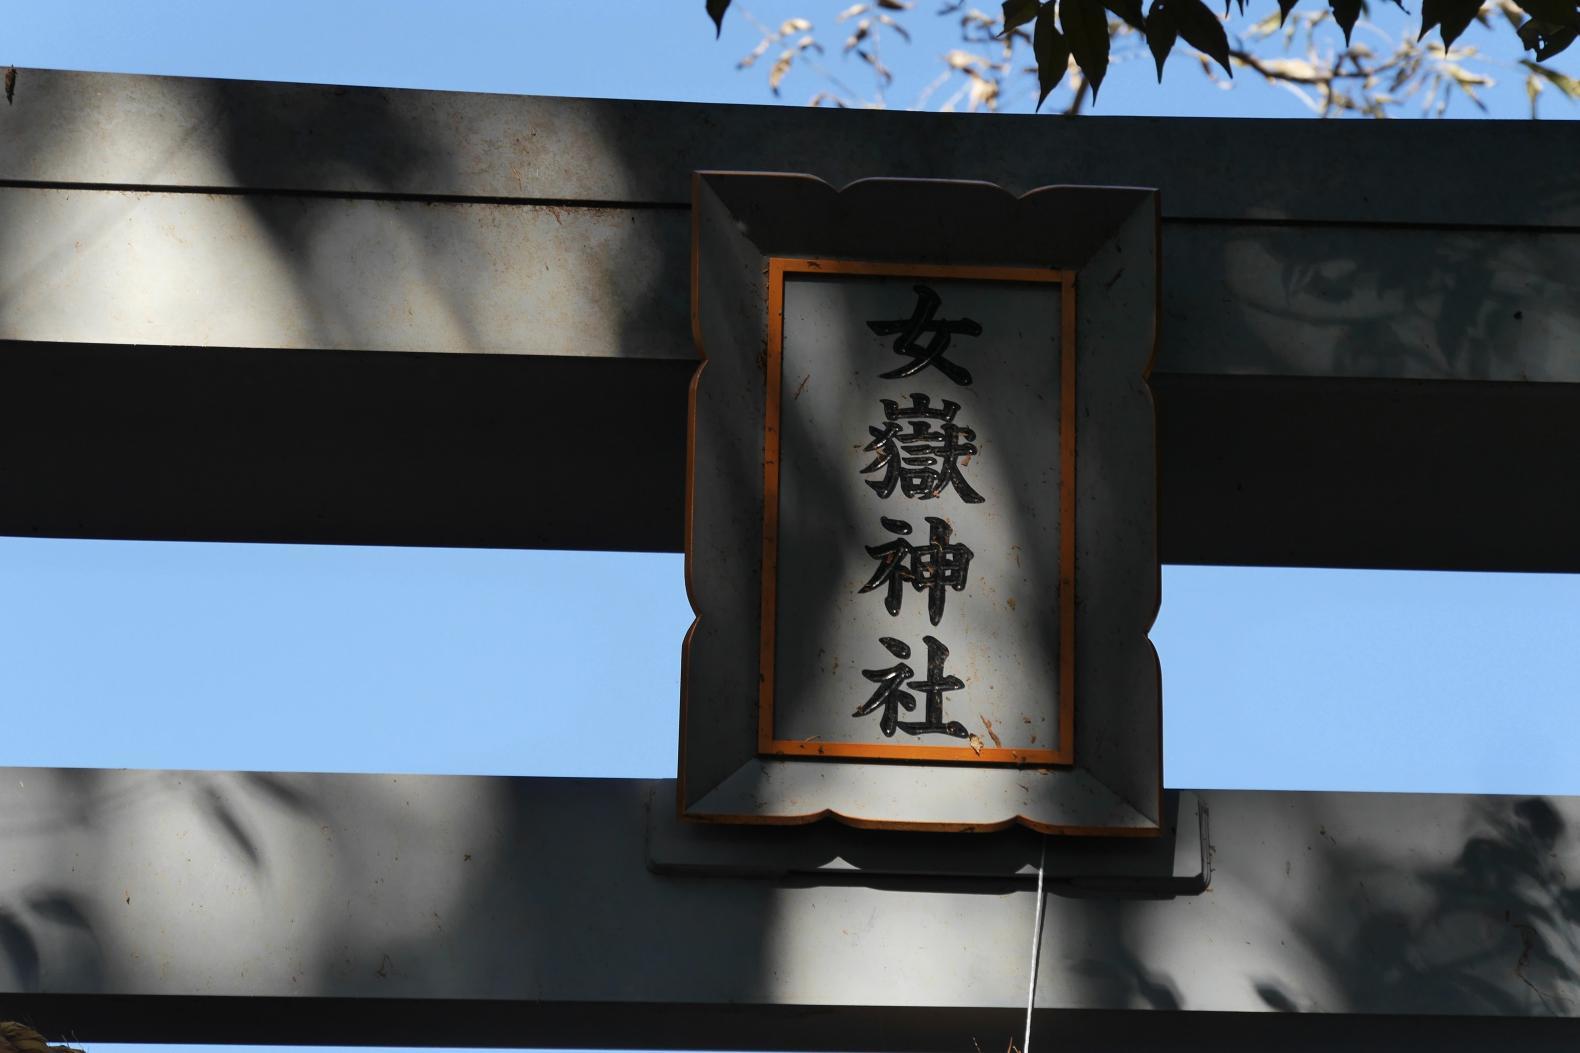 芸能の神であり、良縁の神、女嶽神社-0